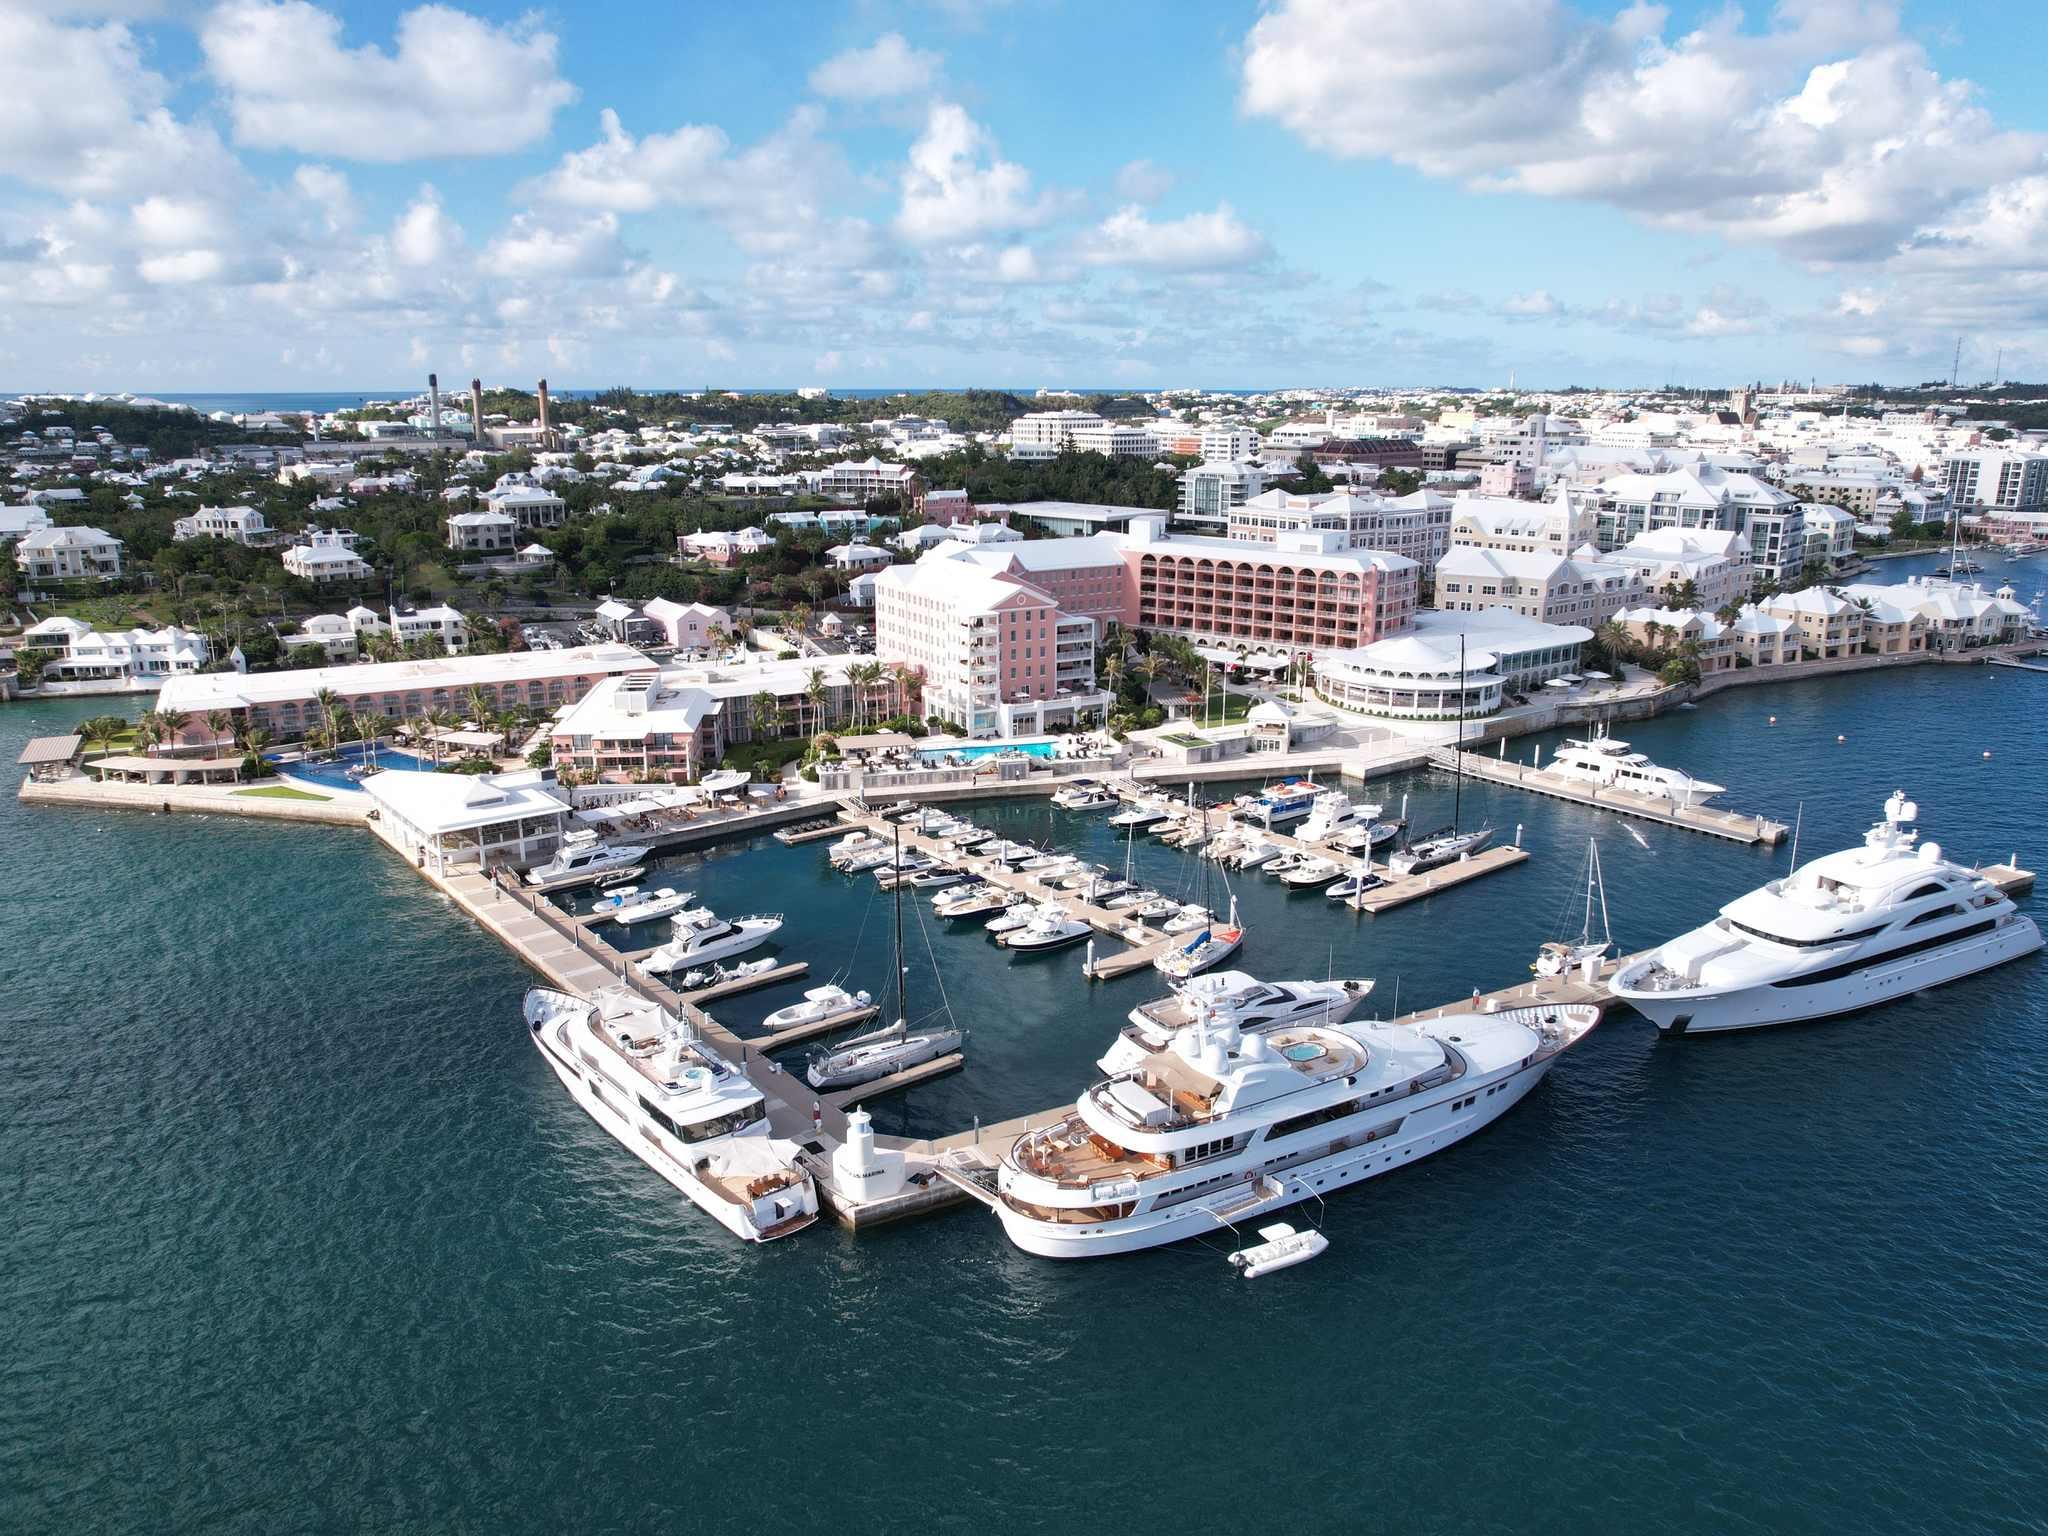 Hotell – Hamilton Princess & Beach Club - A Fairmont Managed Hotel